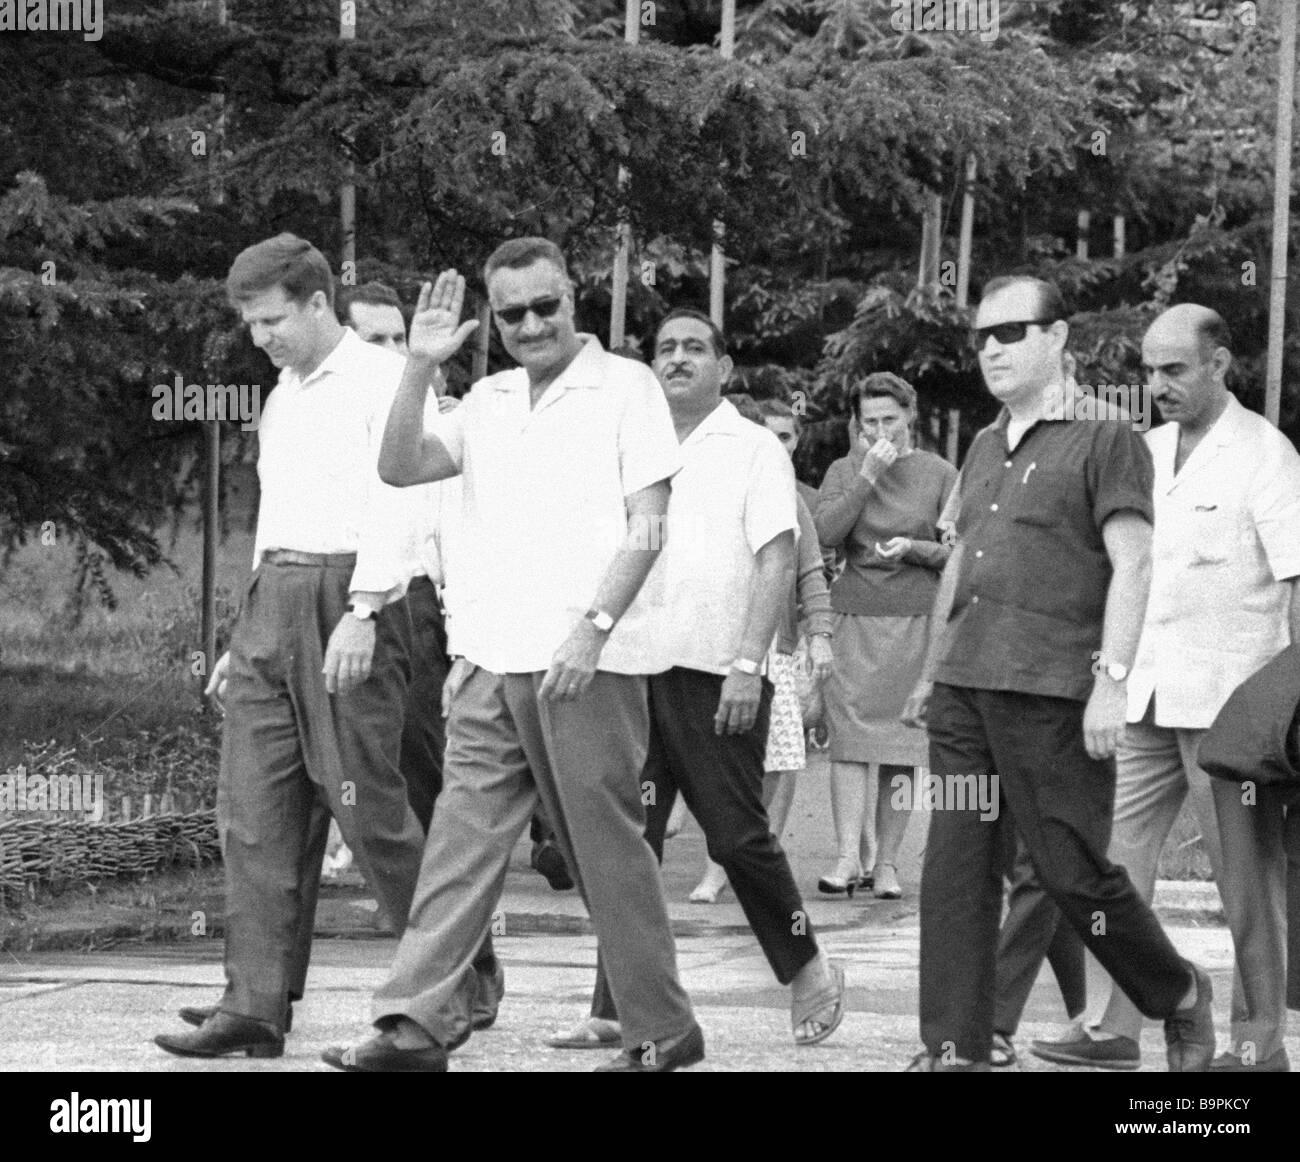 The UAR President Gamal Naser second left at rest in Tskhaltubo - Stock Image